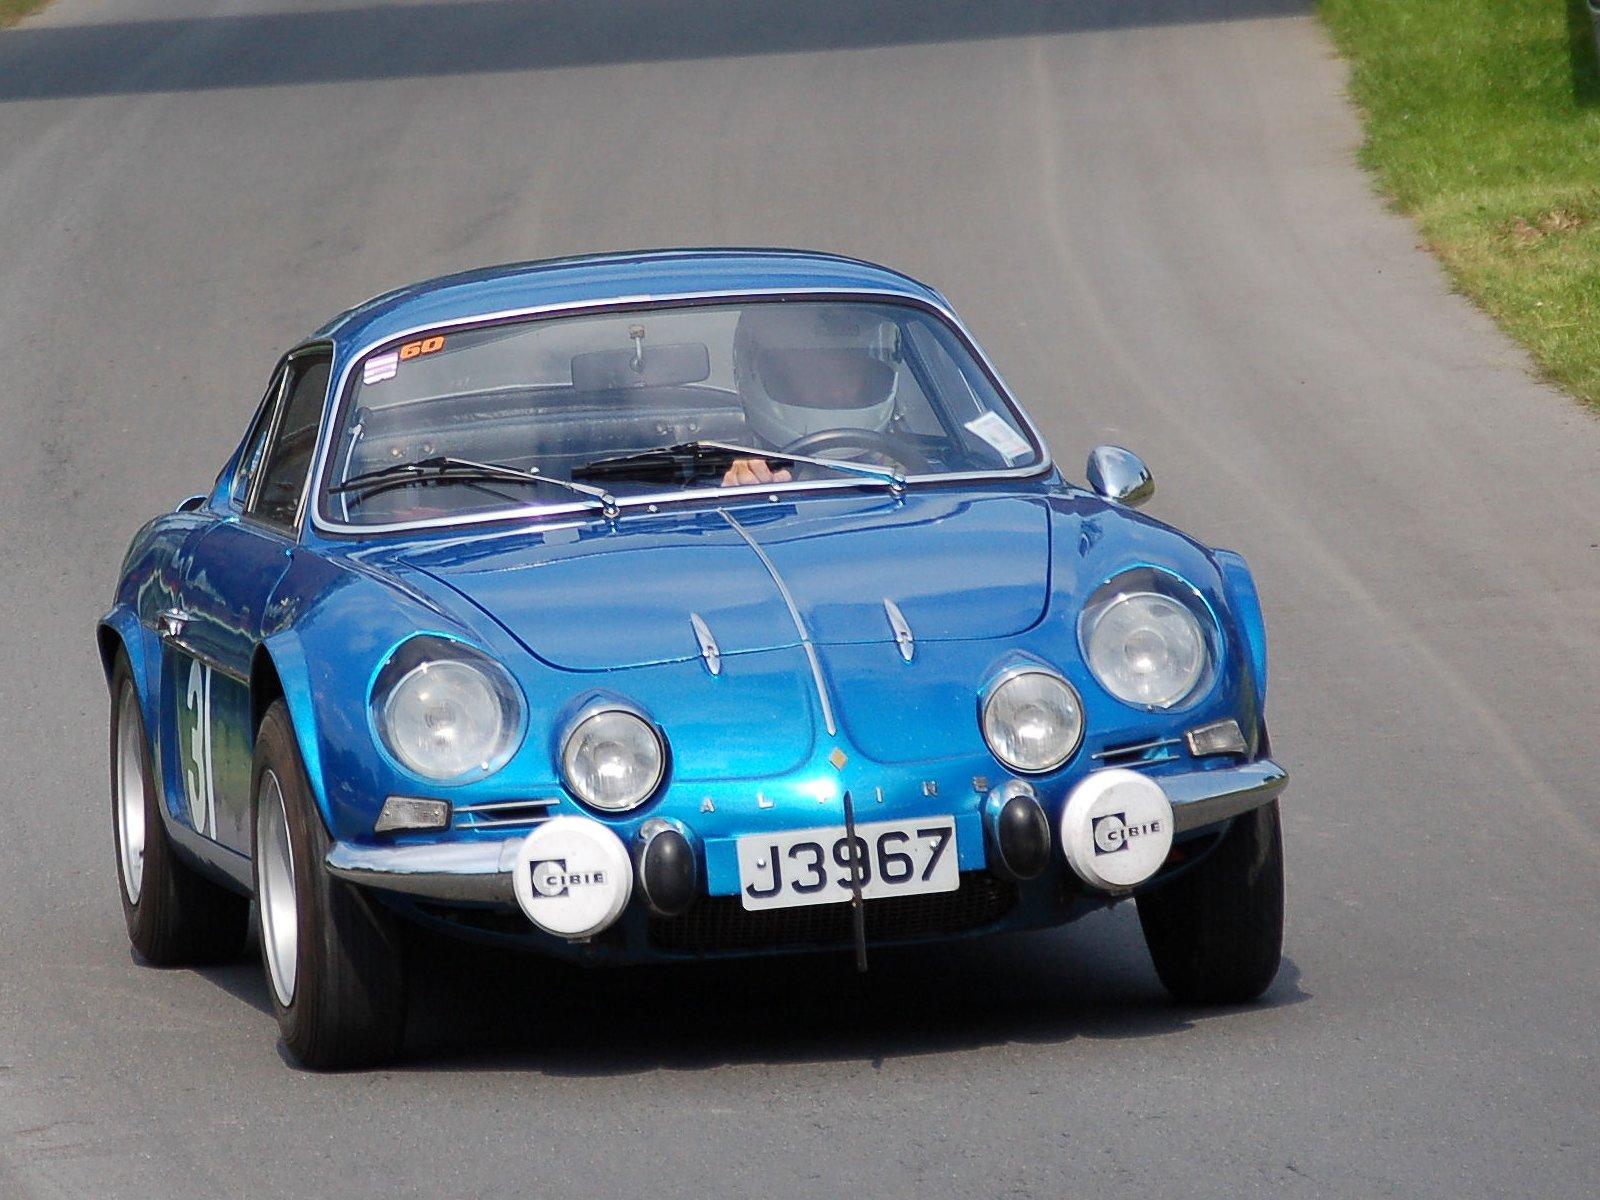 http://4.bp.blogspot.com/-GBChjgZWCHY/T76maH0Hd_I/AAAAAAAACes/jLIryDwmV_w/s1600/The+fascinating+cars+Renault+Alpine+2012-3.jpeg